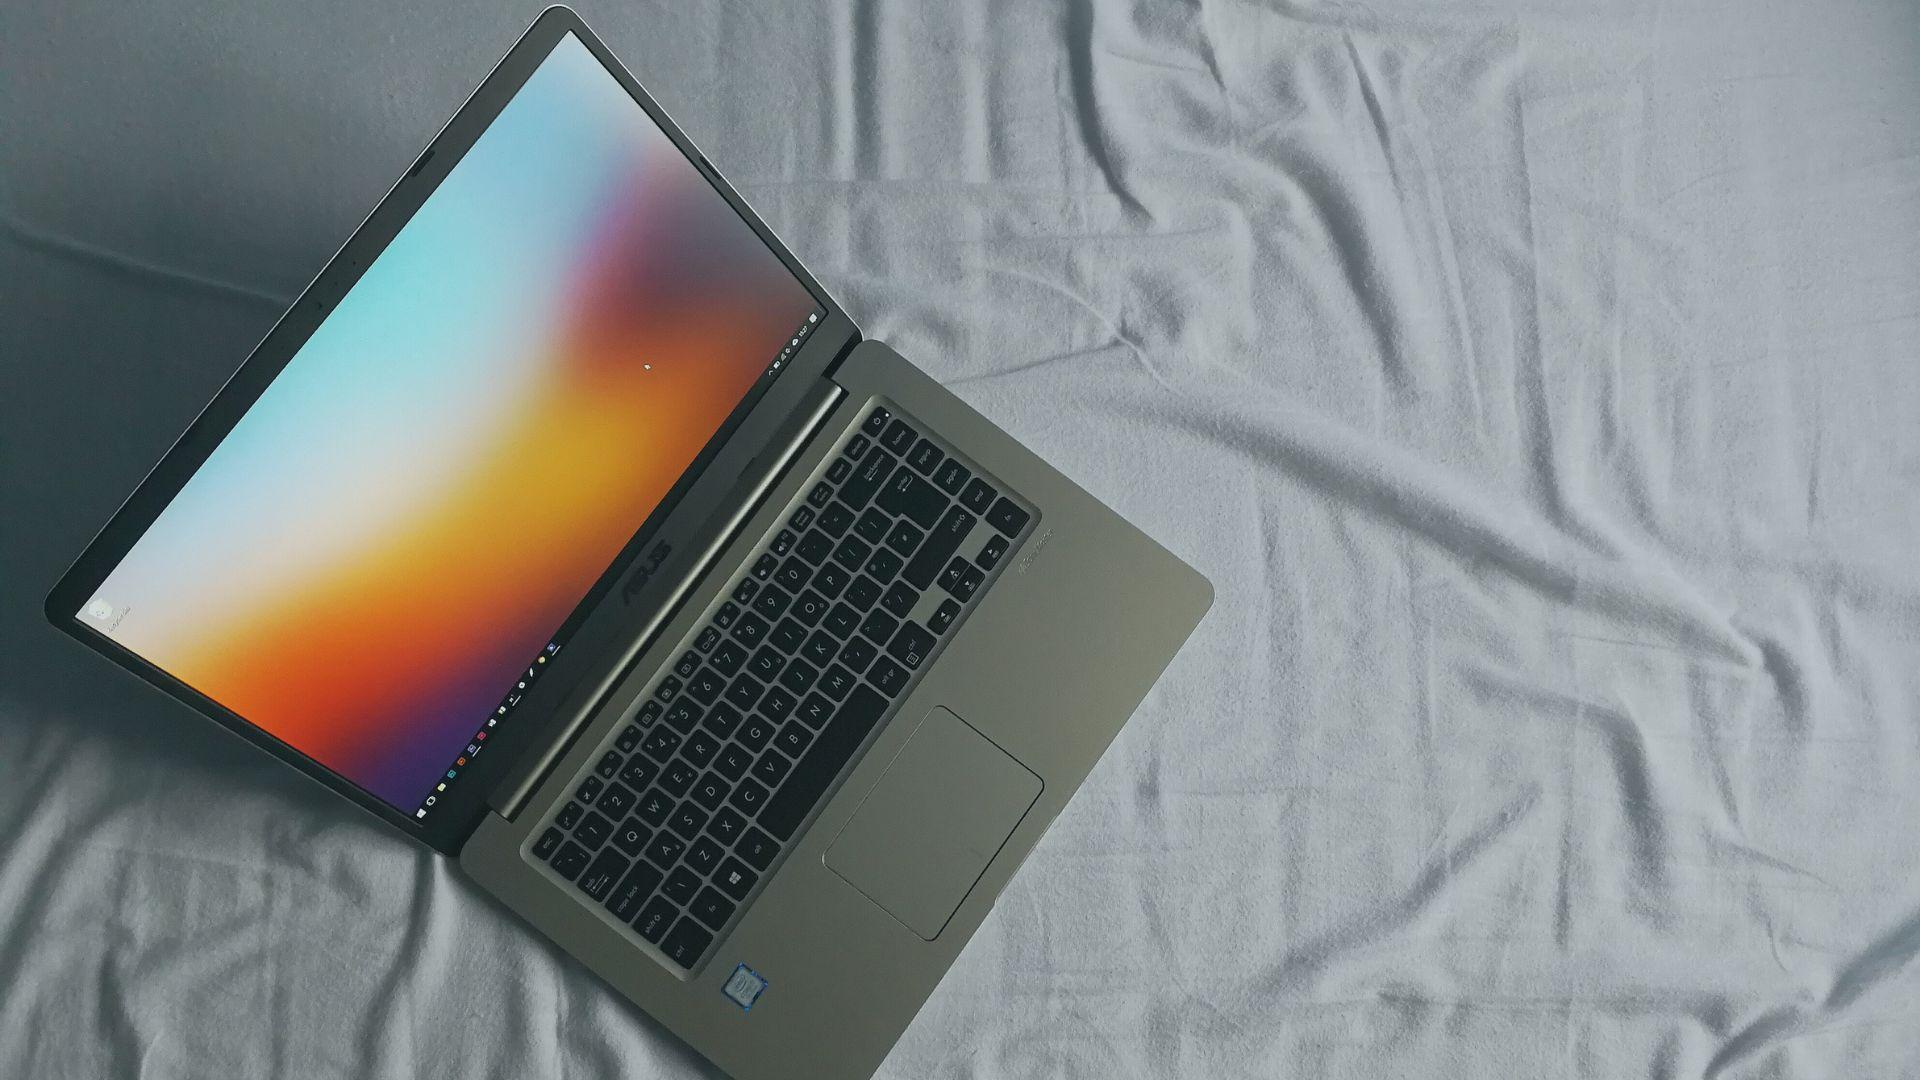 Tips for Best lightweight laptops - Fox news international brand